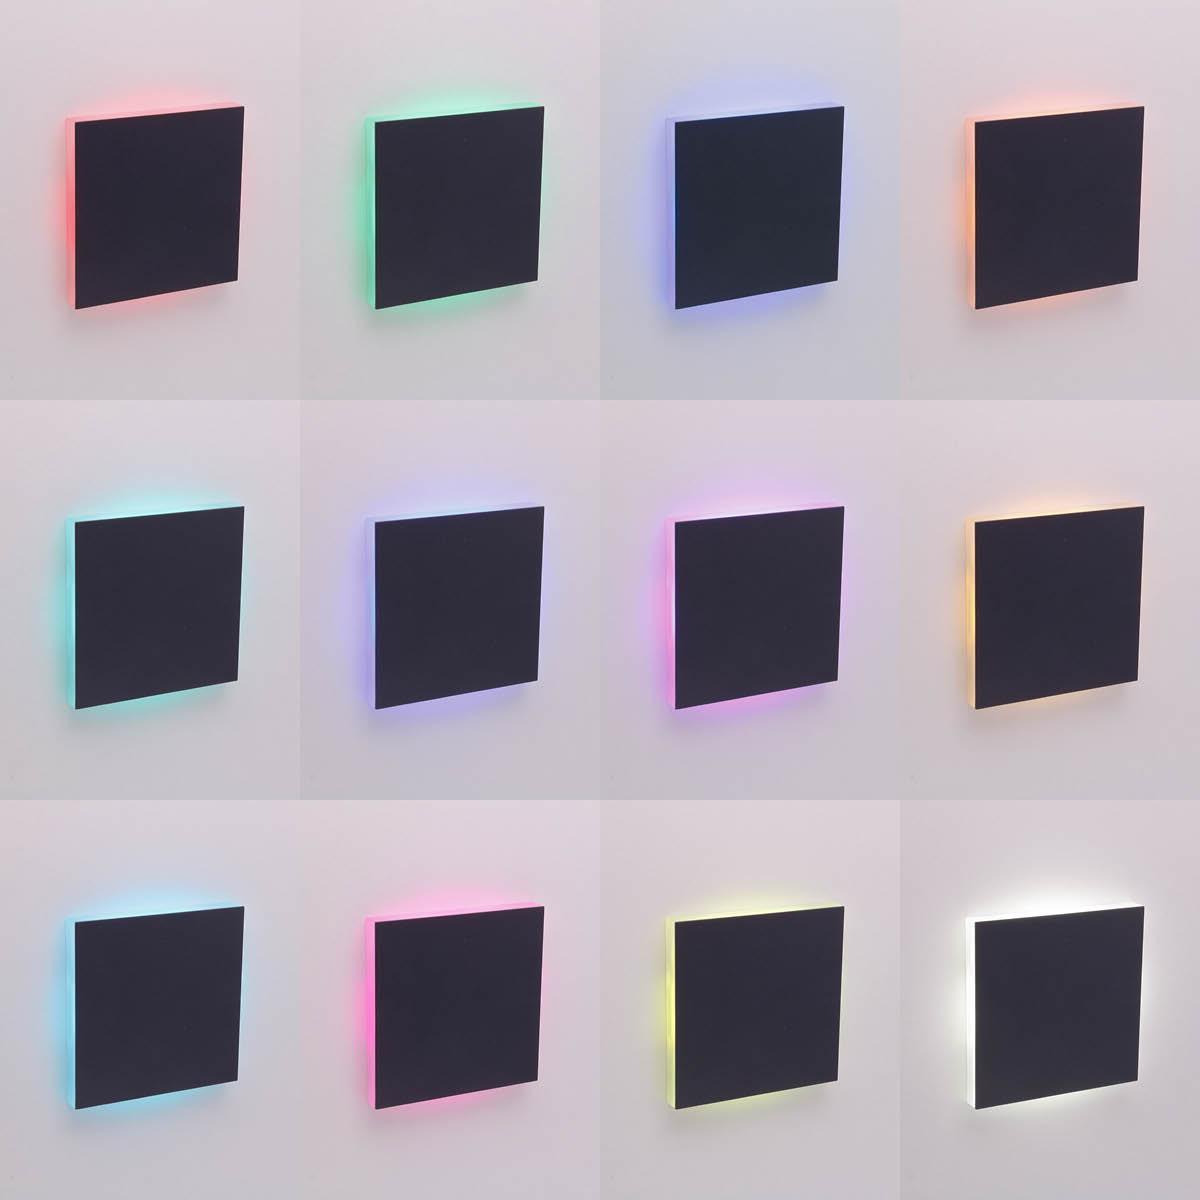 LED Treppenlicht Wandeinbauleuchte Smart Tuya RGB+CCT 230V 5W schwarz Lichtaustritt seitlich